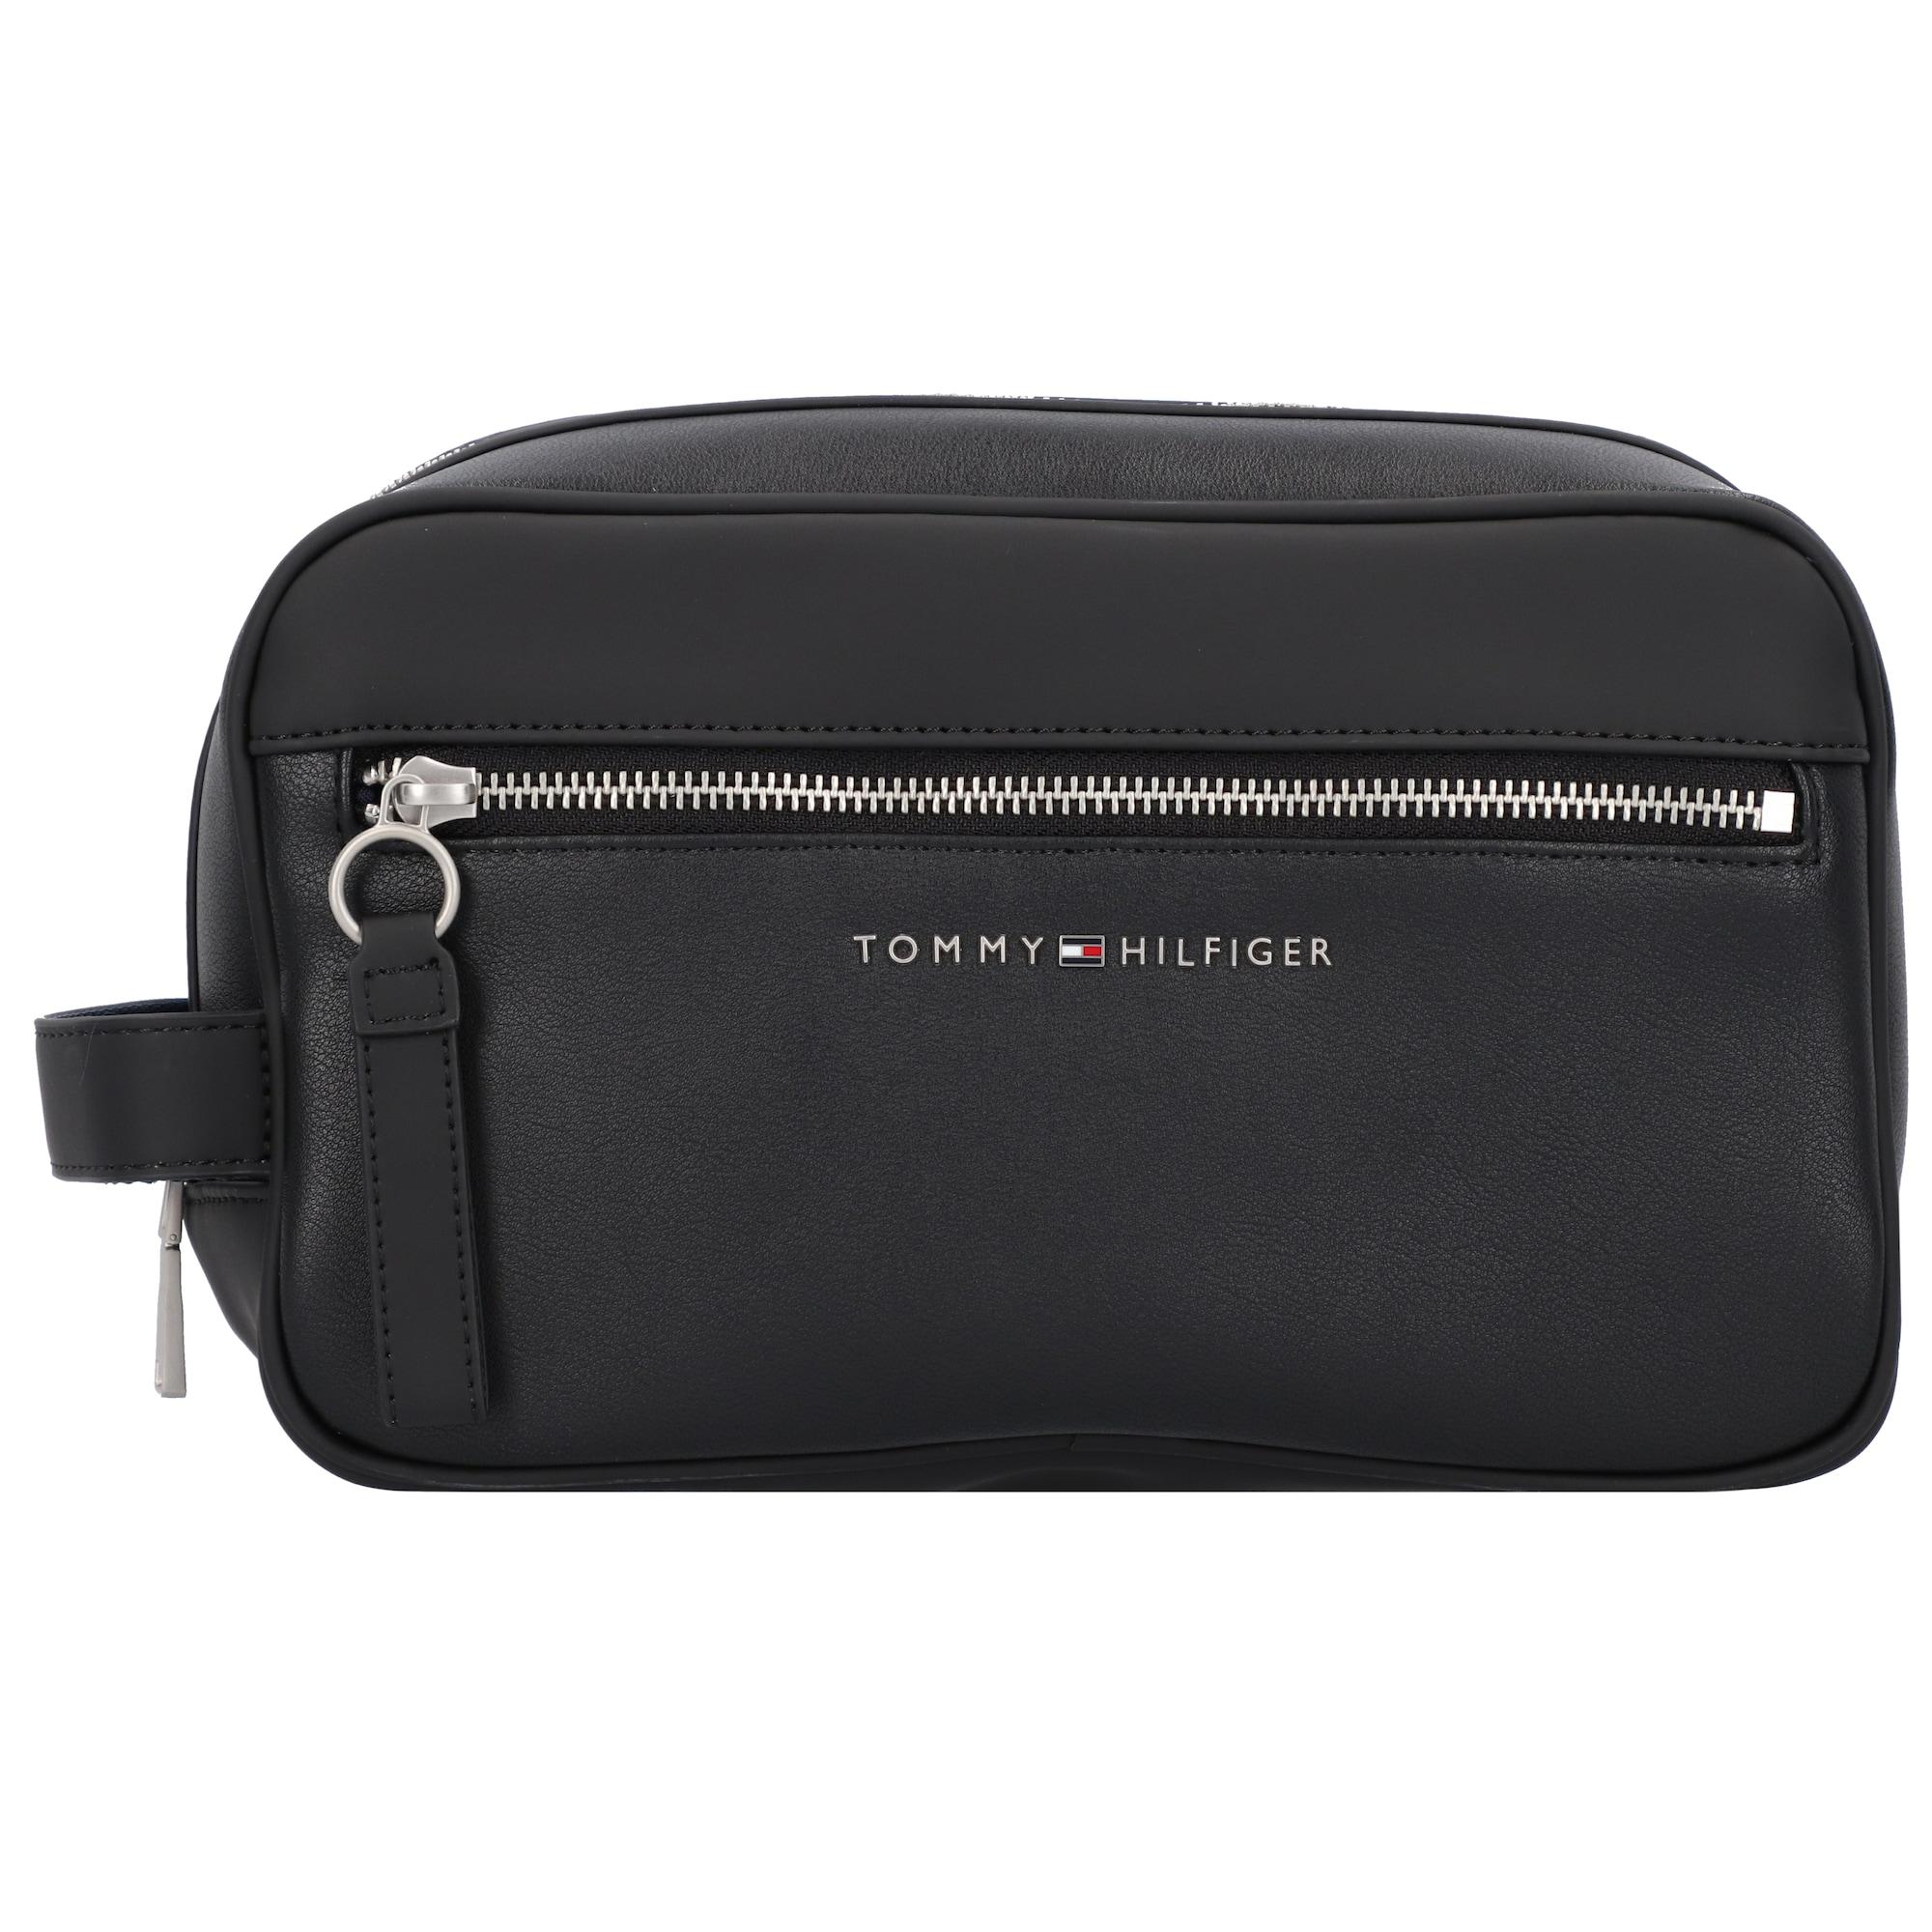 TOMMY HILFIGER Tualeto reikmenų / kosmetikos krepšys juoda